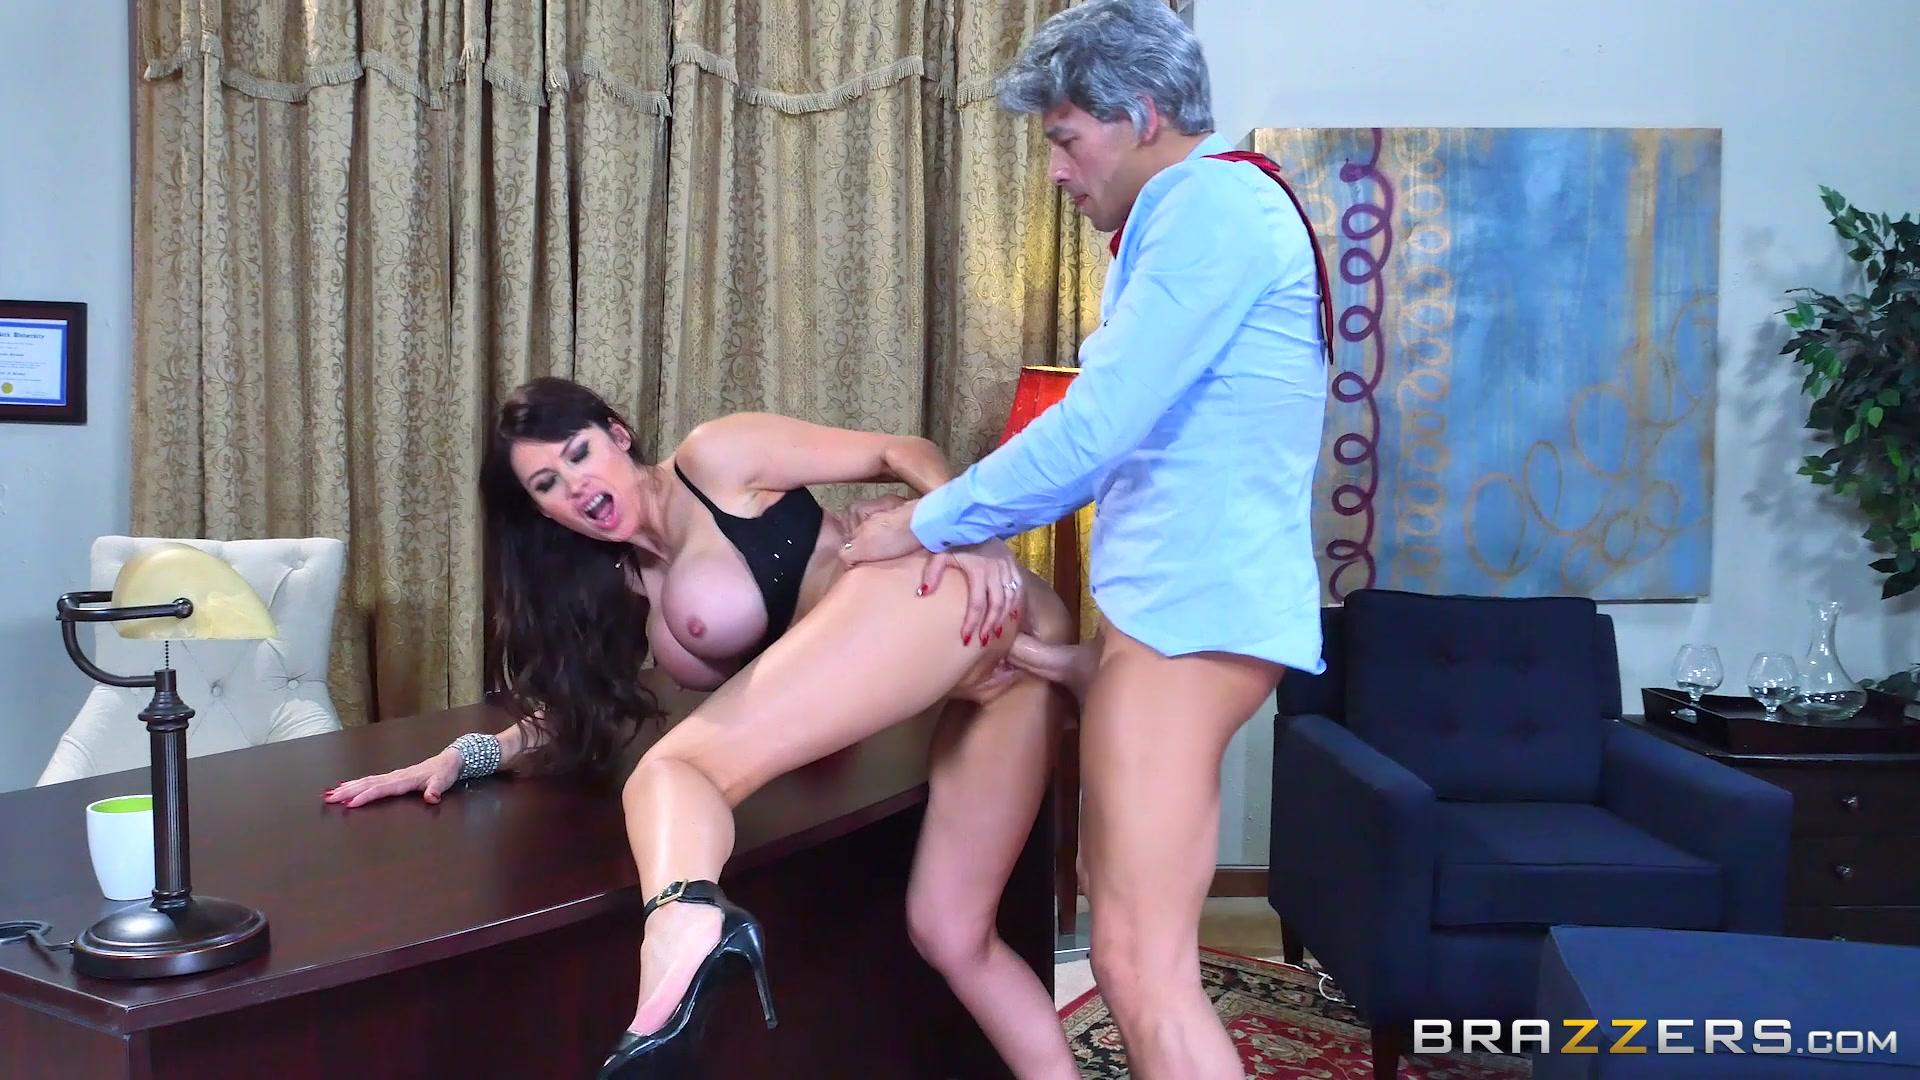 Сисястую горничную трахает, Порно домработницы, порно видео с горничными 2 фотография